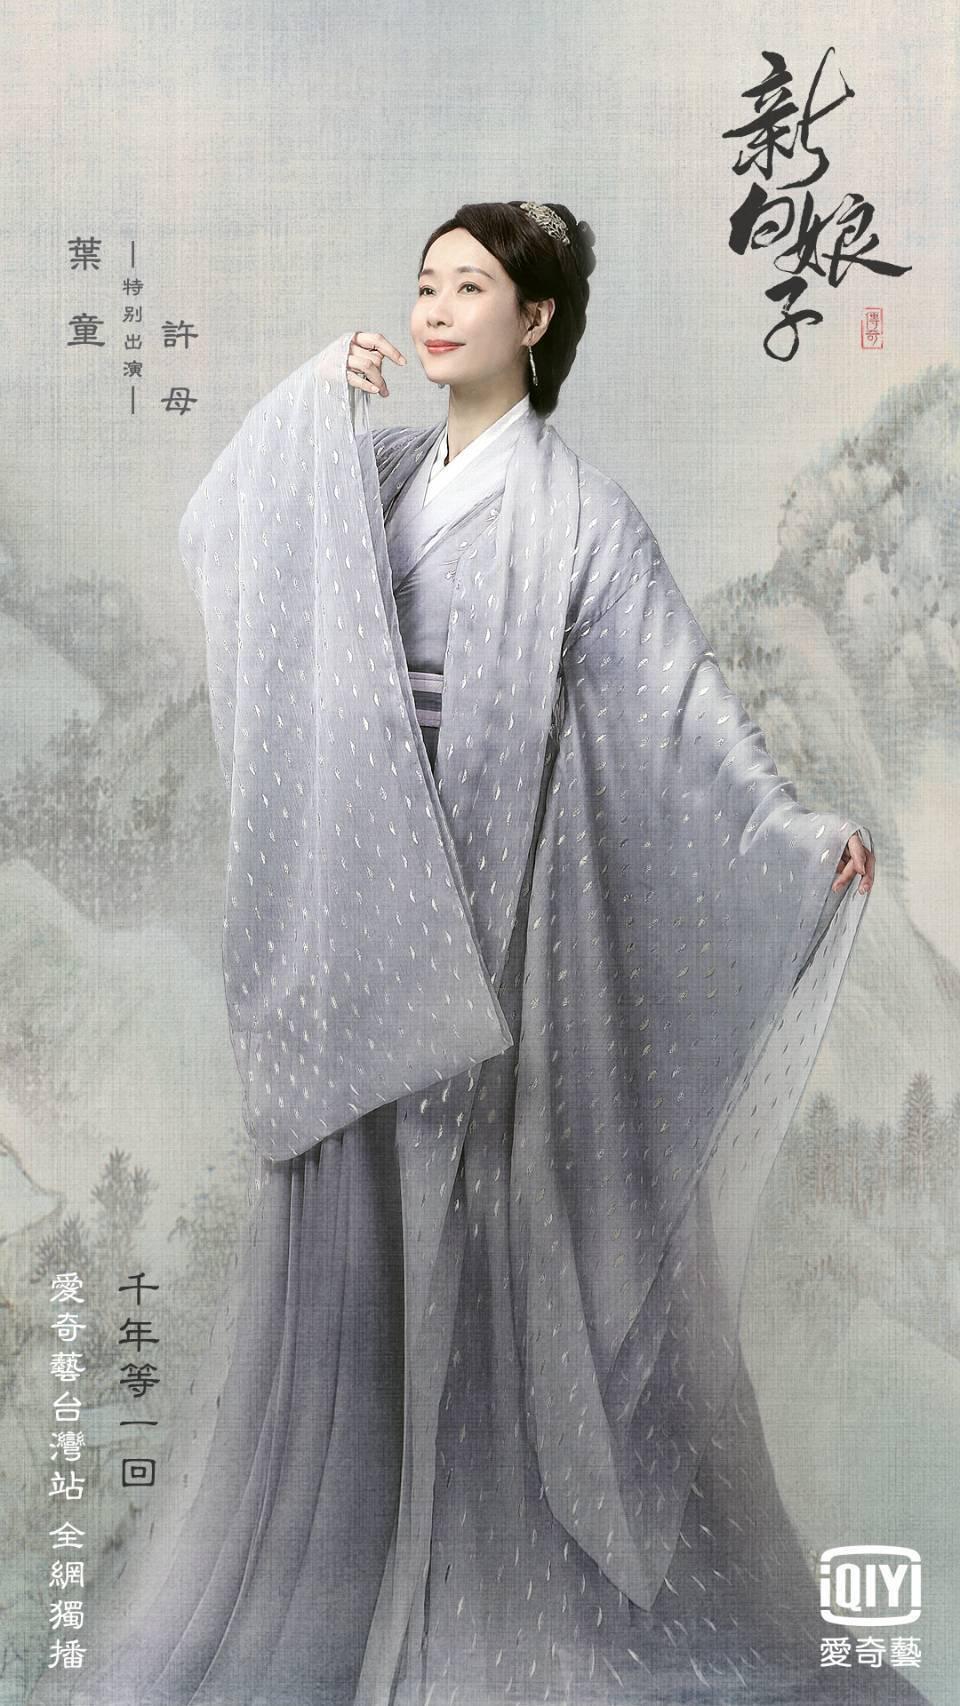 葉童演出「新白娘子傳奇」。圖/愛奇藝台灣站提供